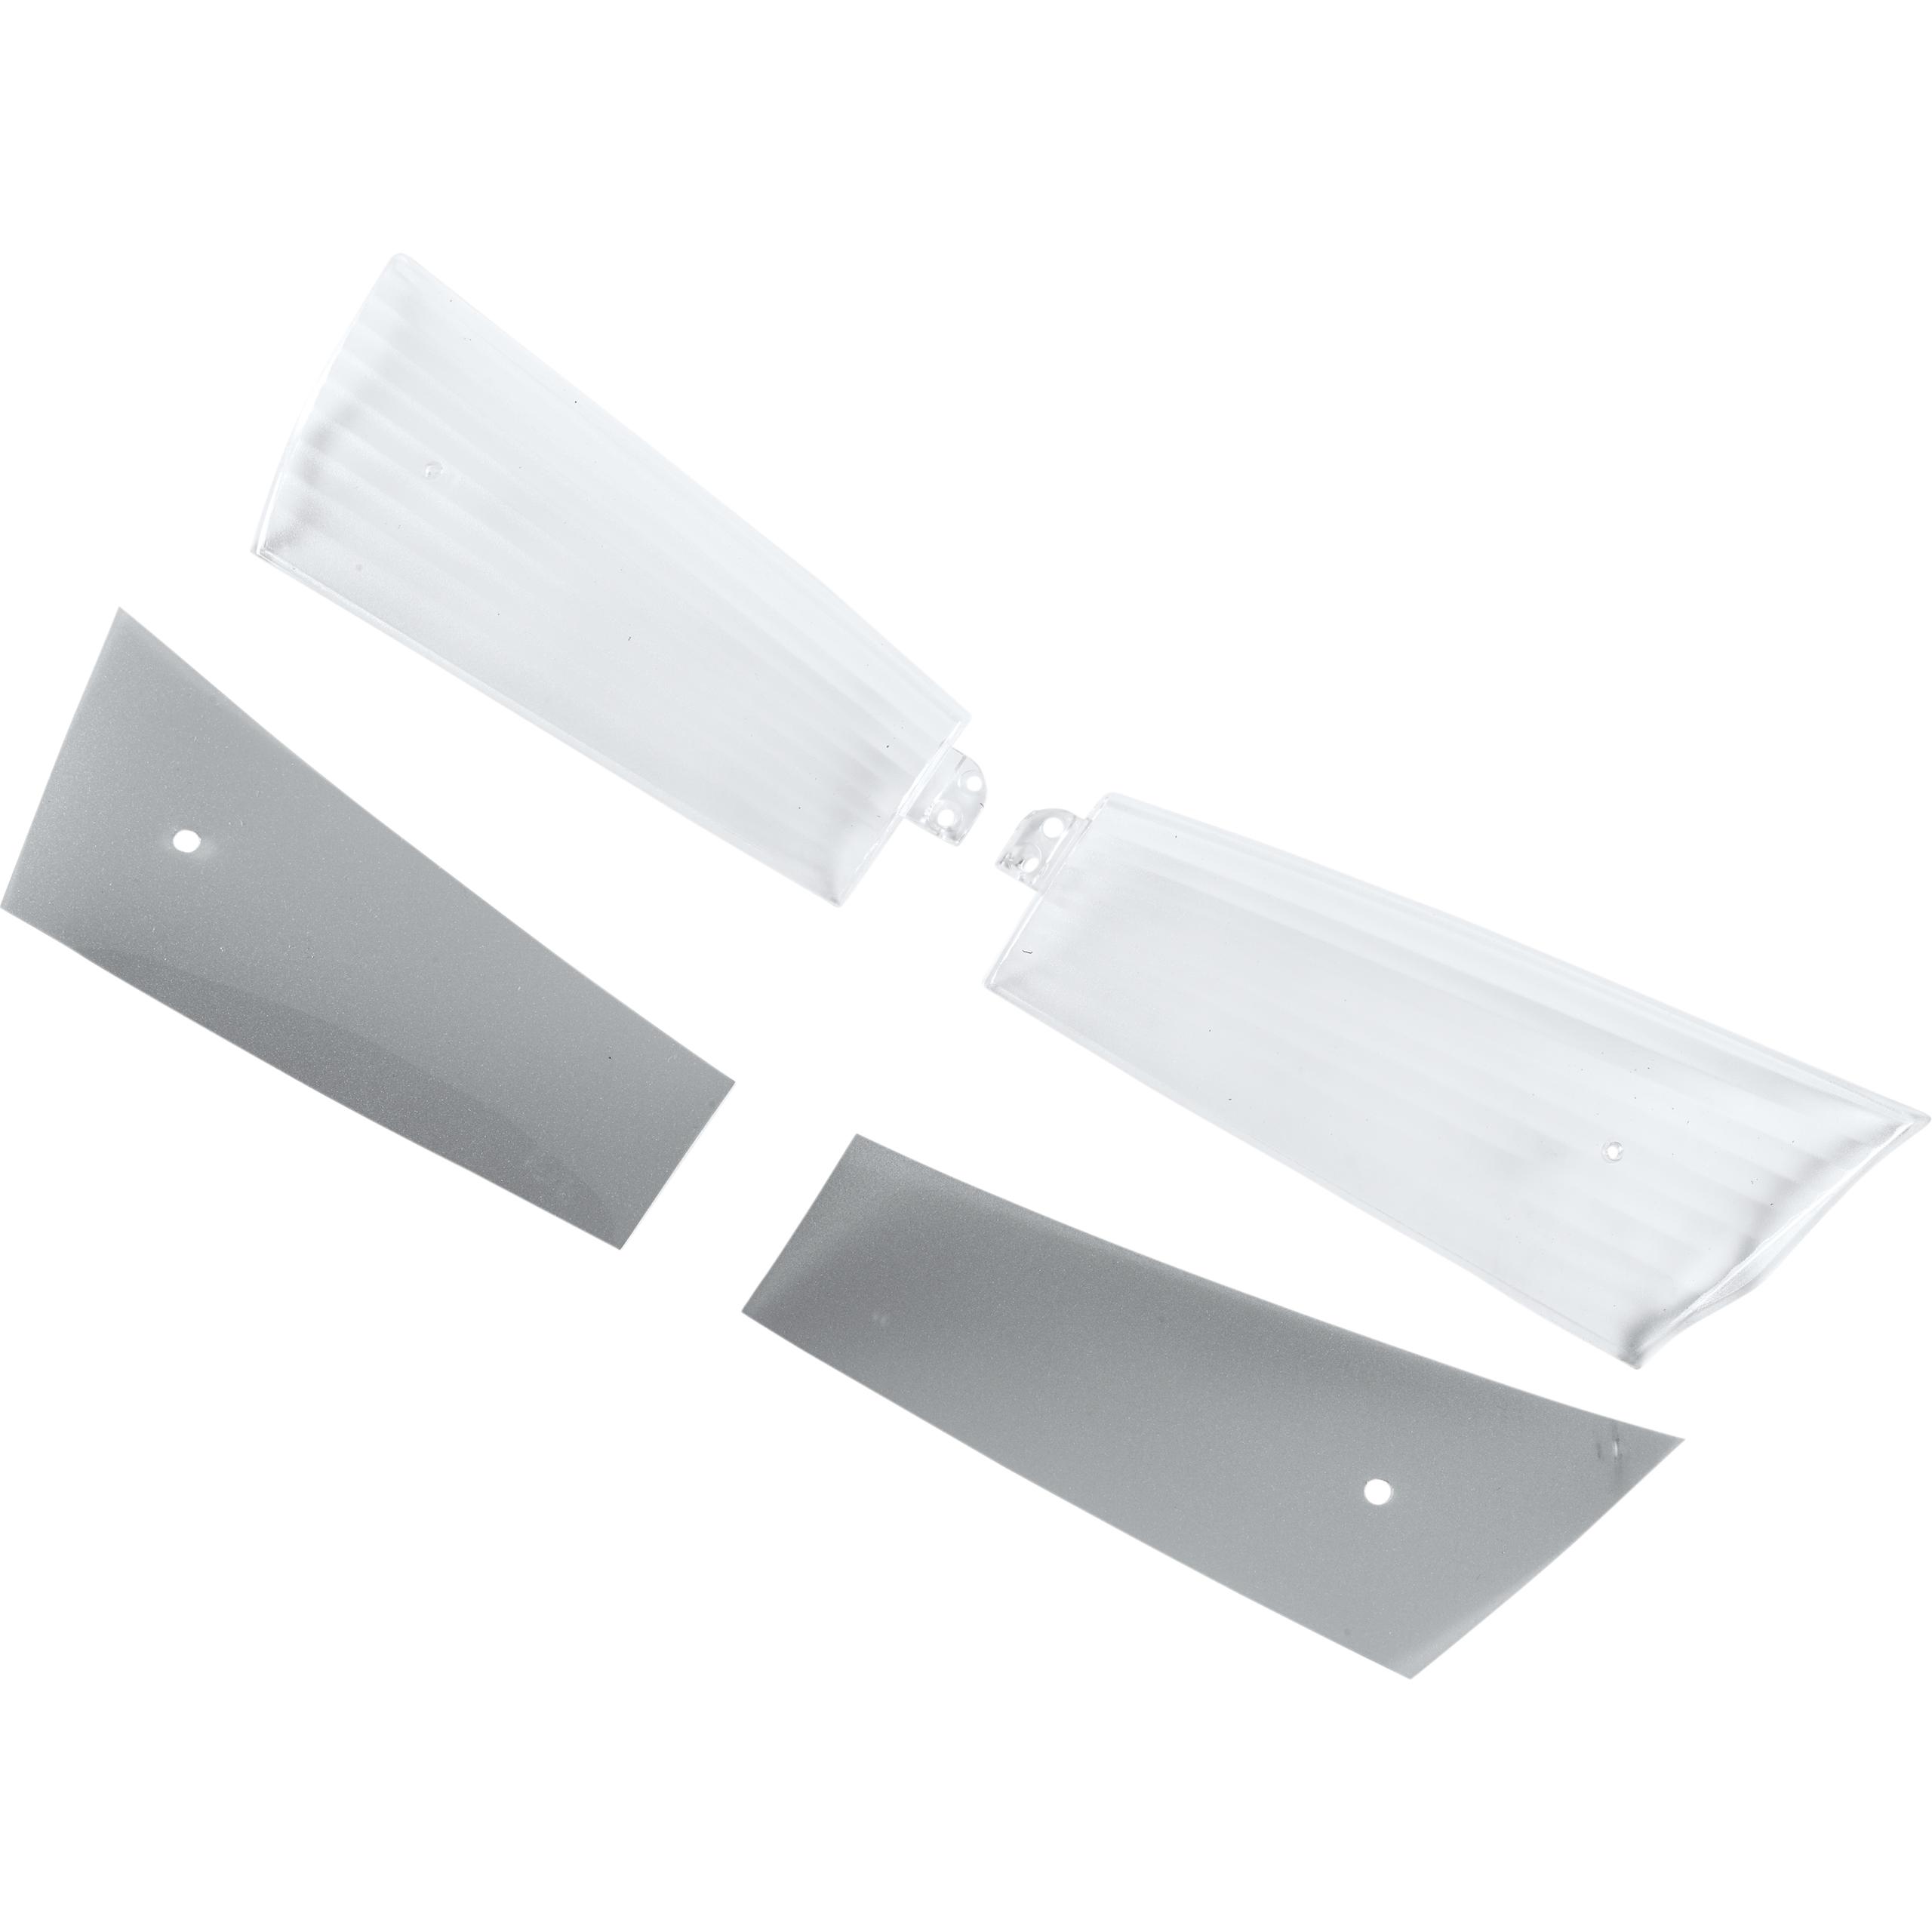 Shad Ersatz-Reflektor für SH43 Seitenkoffer weiß 70210200248